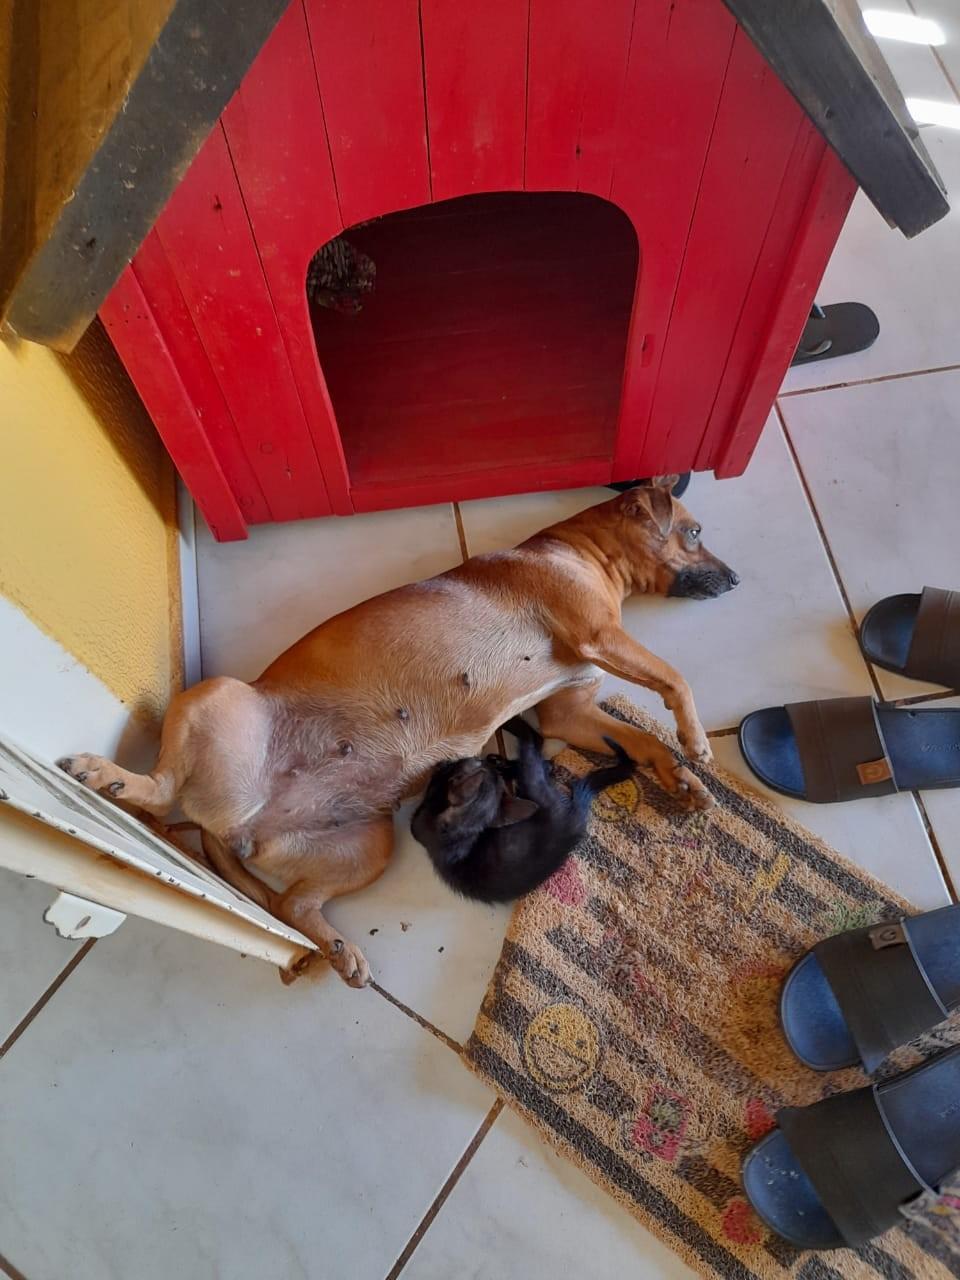 Cadela acolhe gata e tenta amamentá-la após outro felino da casa morrer atropelado